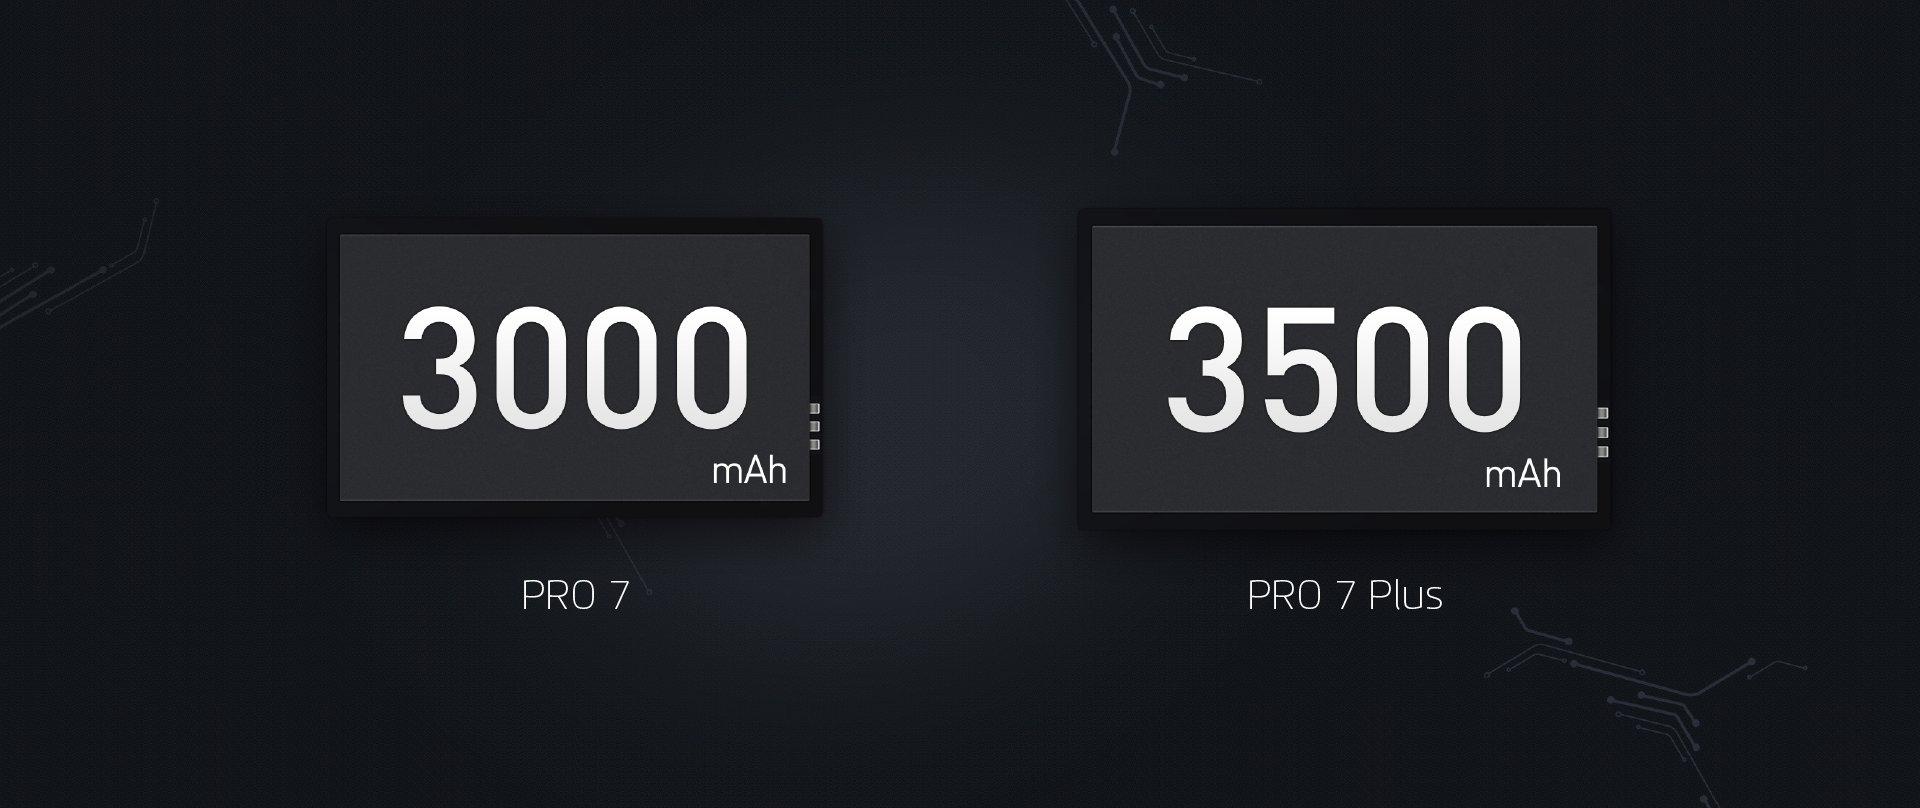 Meizu Pro 7 battery